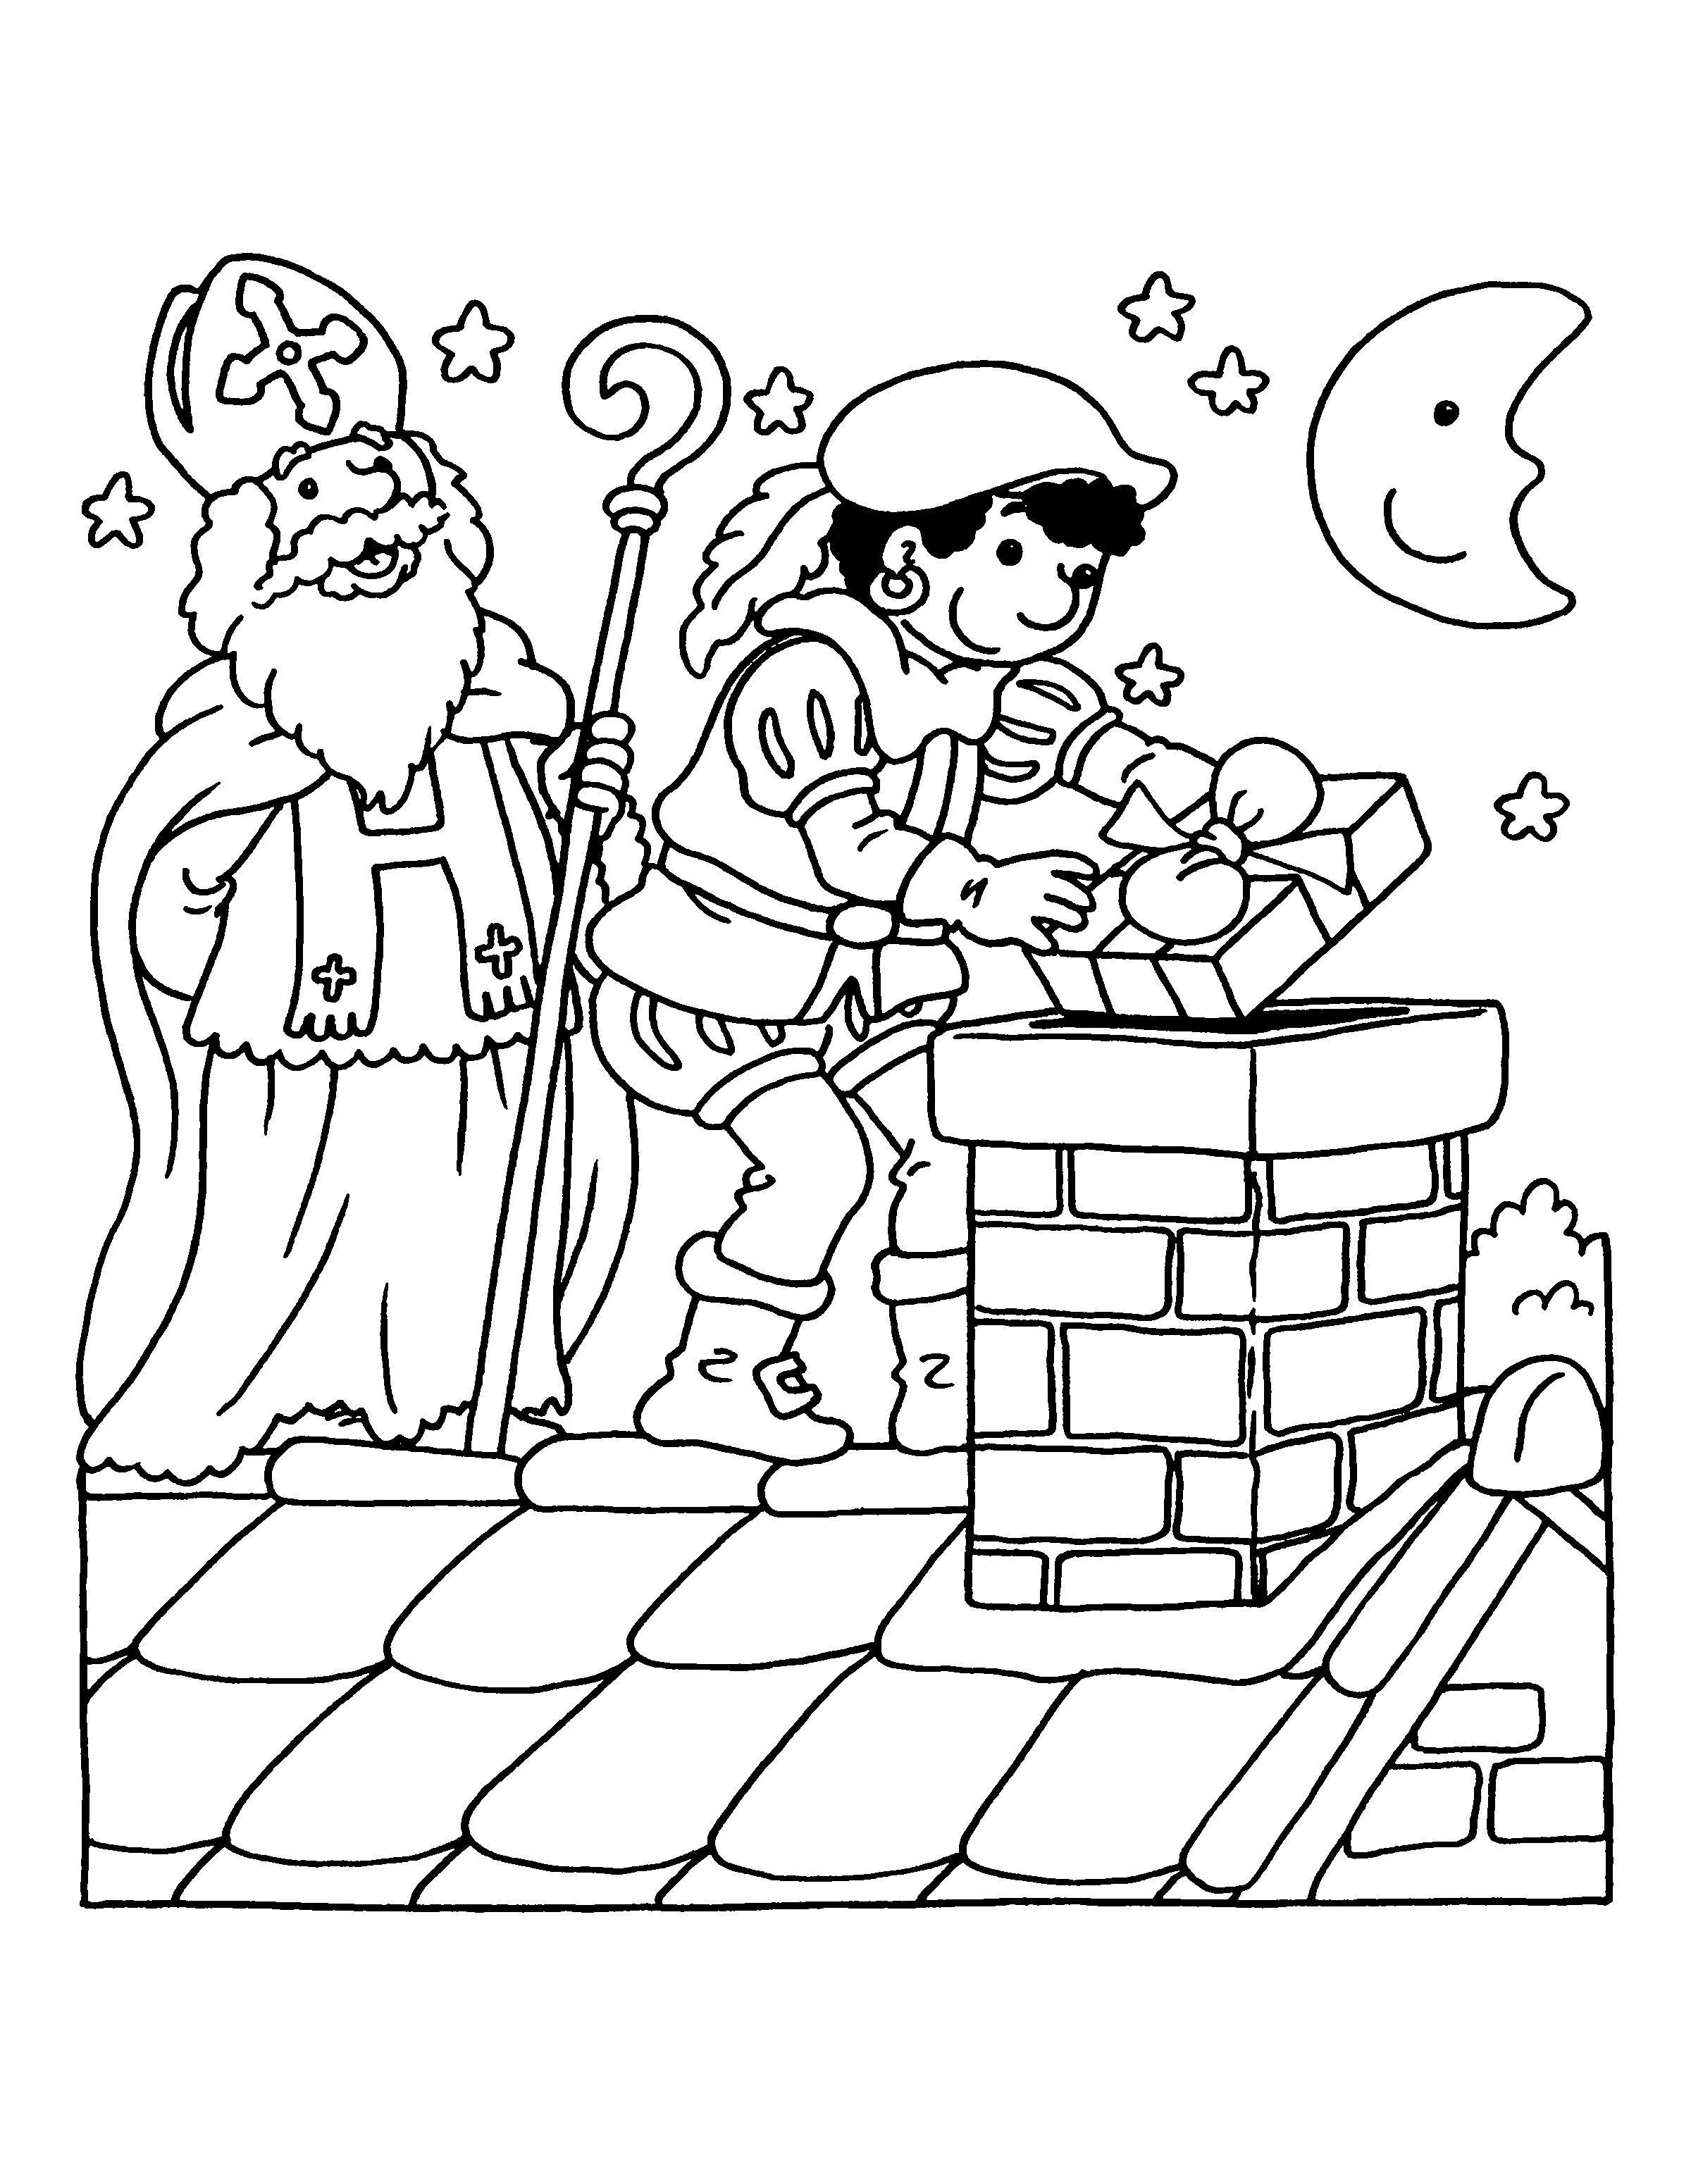 Kleurplaten Zwarte Piet En Sinterklaas.Kleurplaten Van Sint En Piet Idee Kleurplaat Van Sinterklaas En